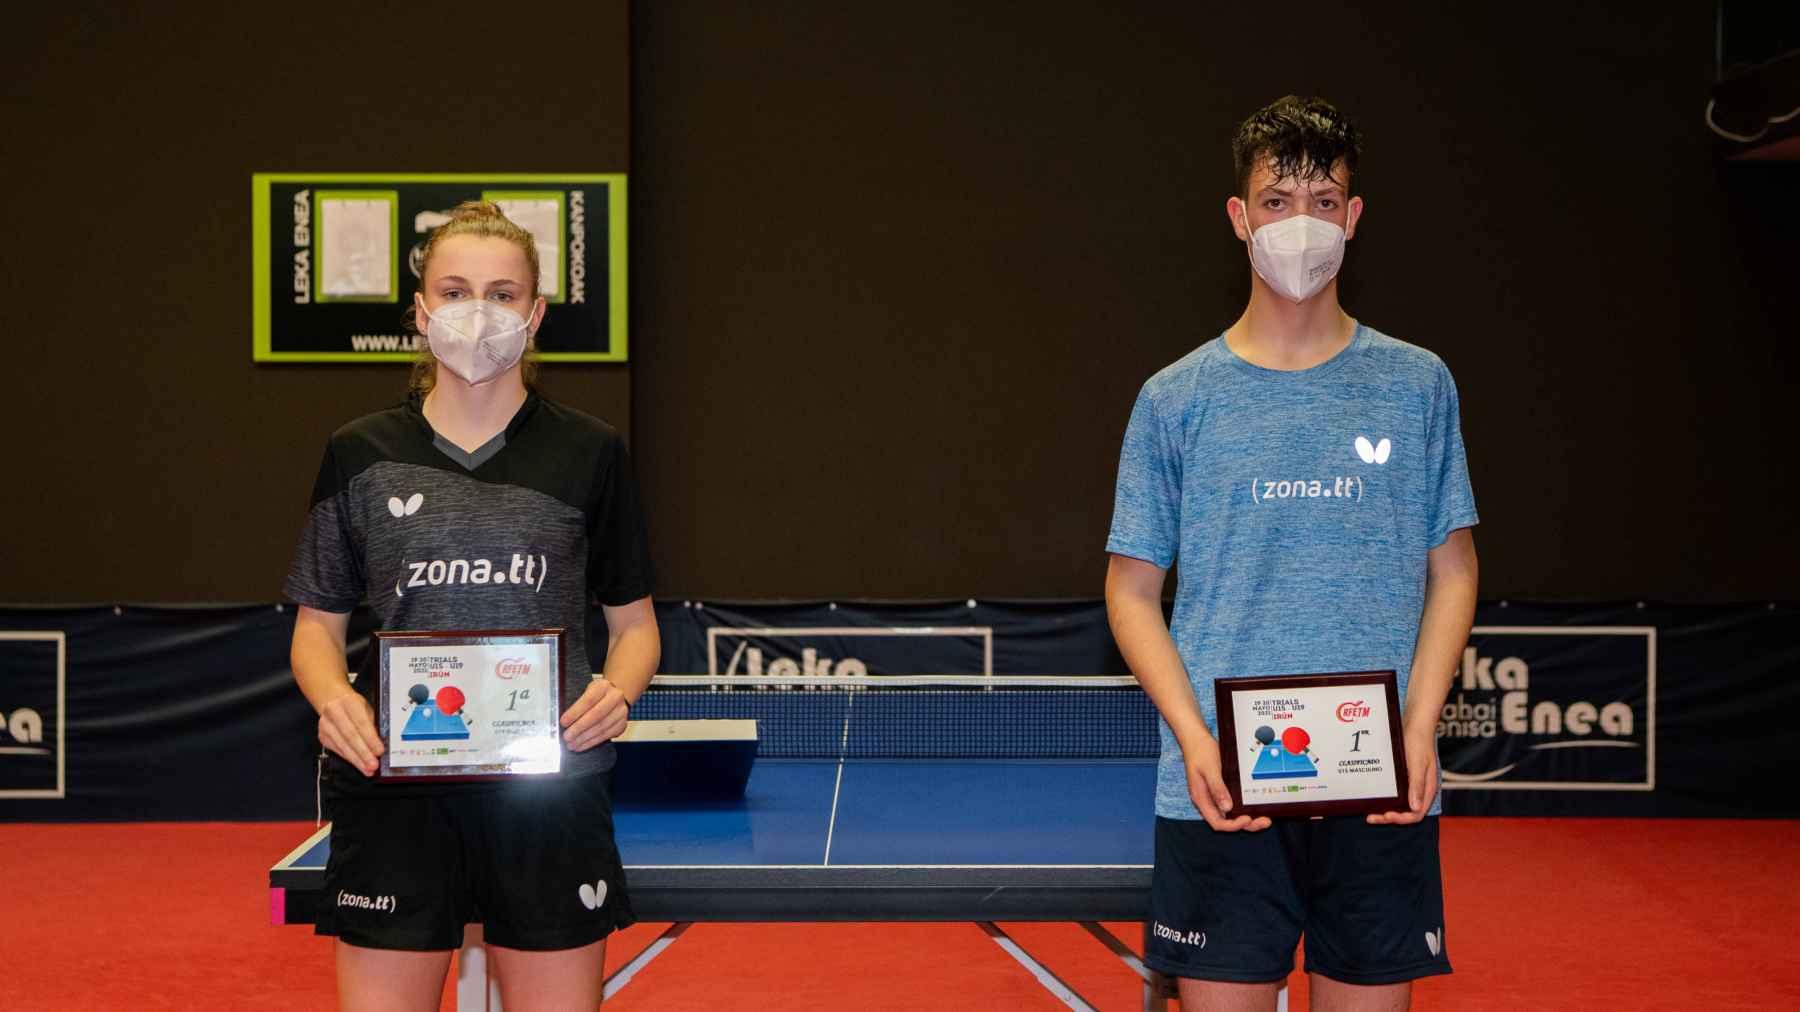 Silvia Coll y Hugo Urquízar, campeones del Trials Clasificatorio U15 2021 (Foto: Alvaro Diaz)